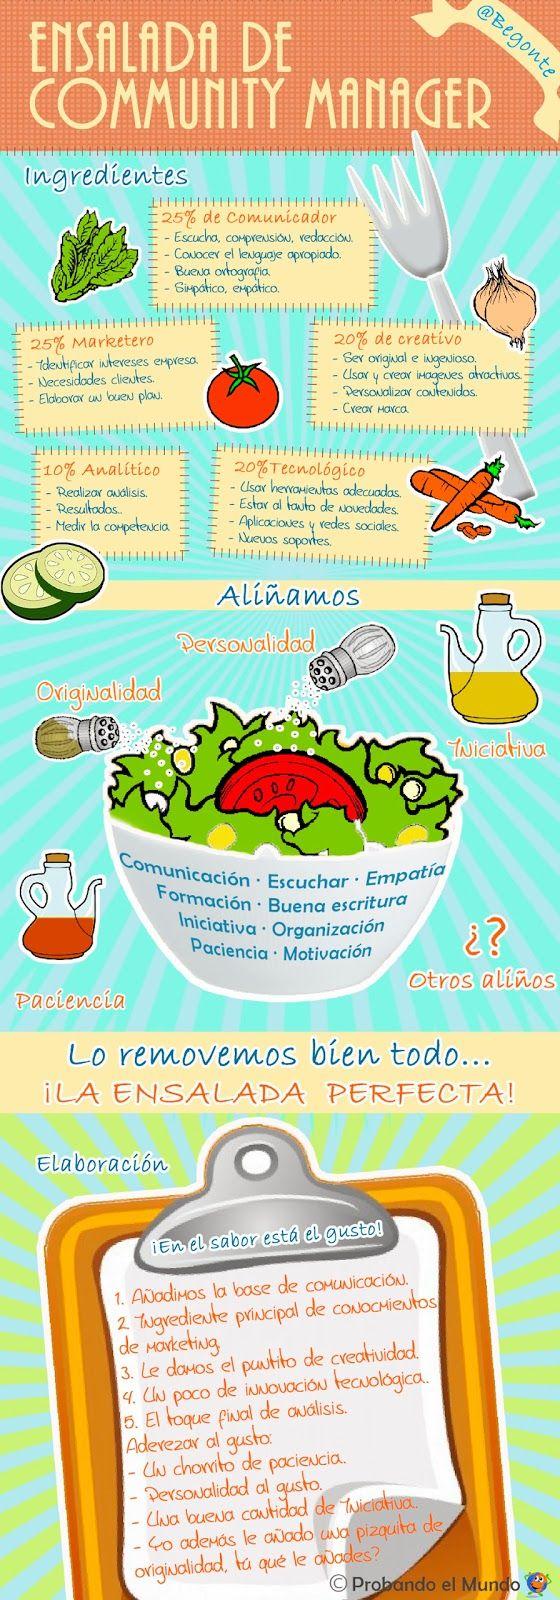 Ensalada de Community Manager. Infografía en español